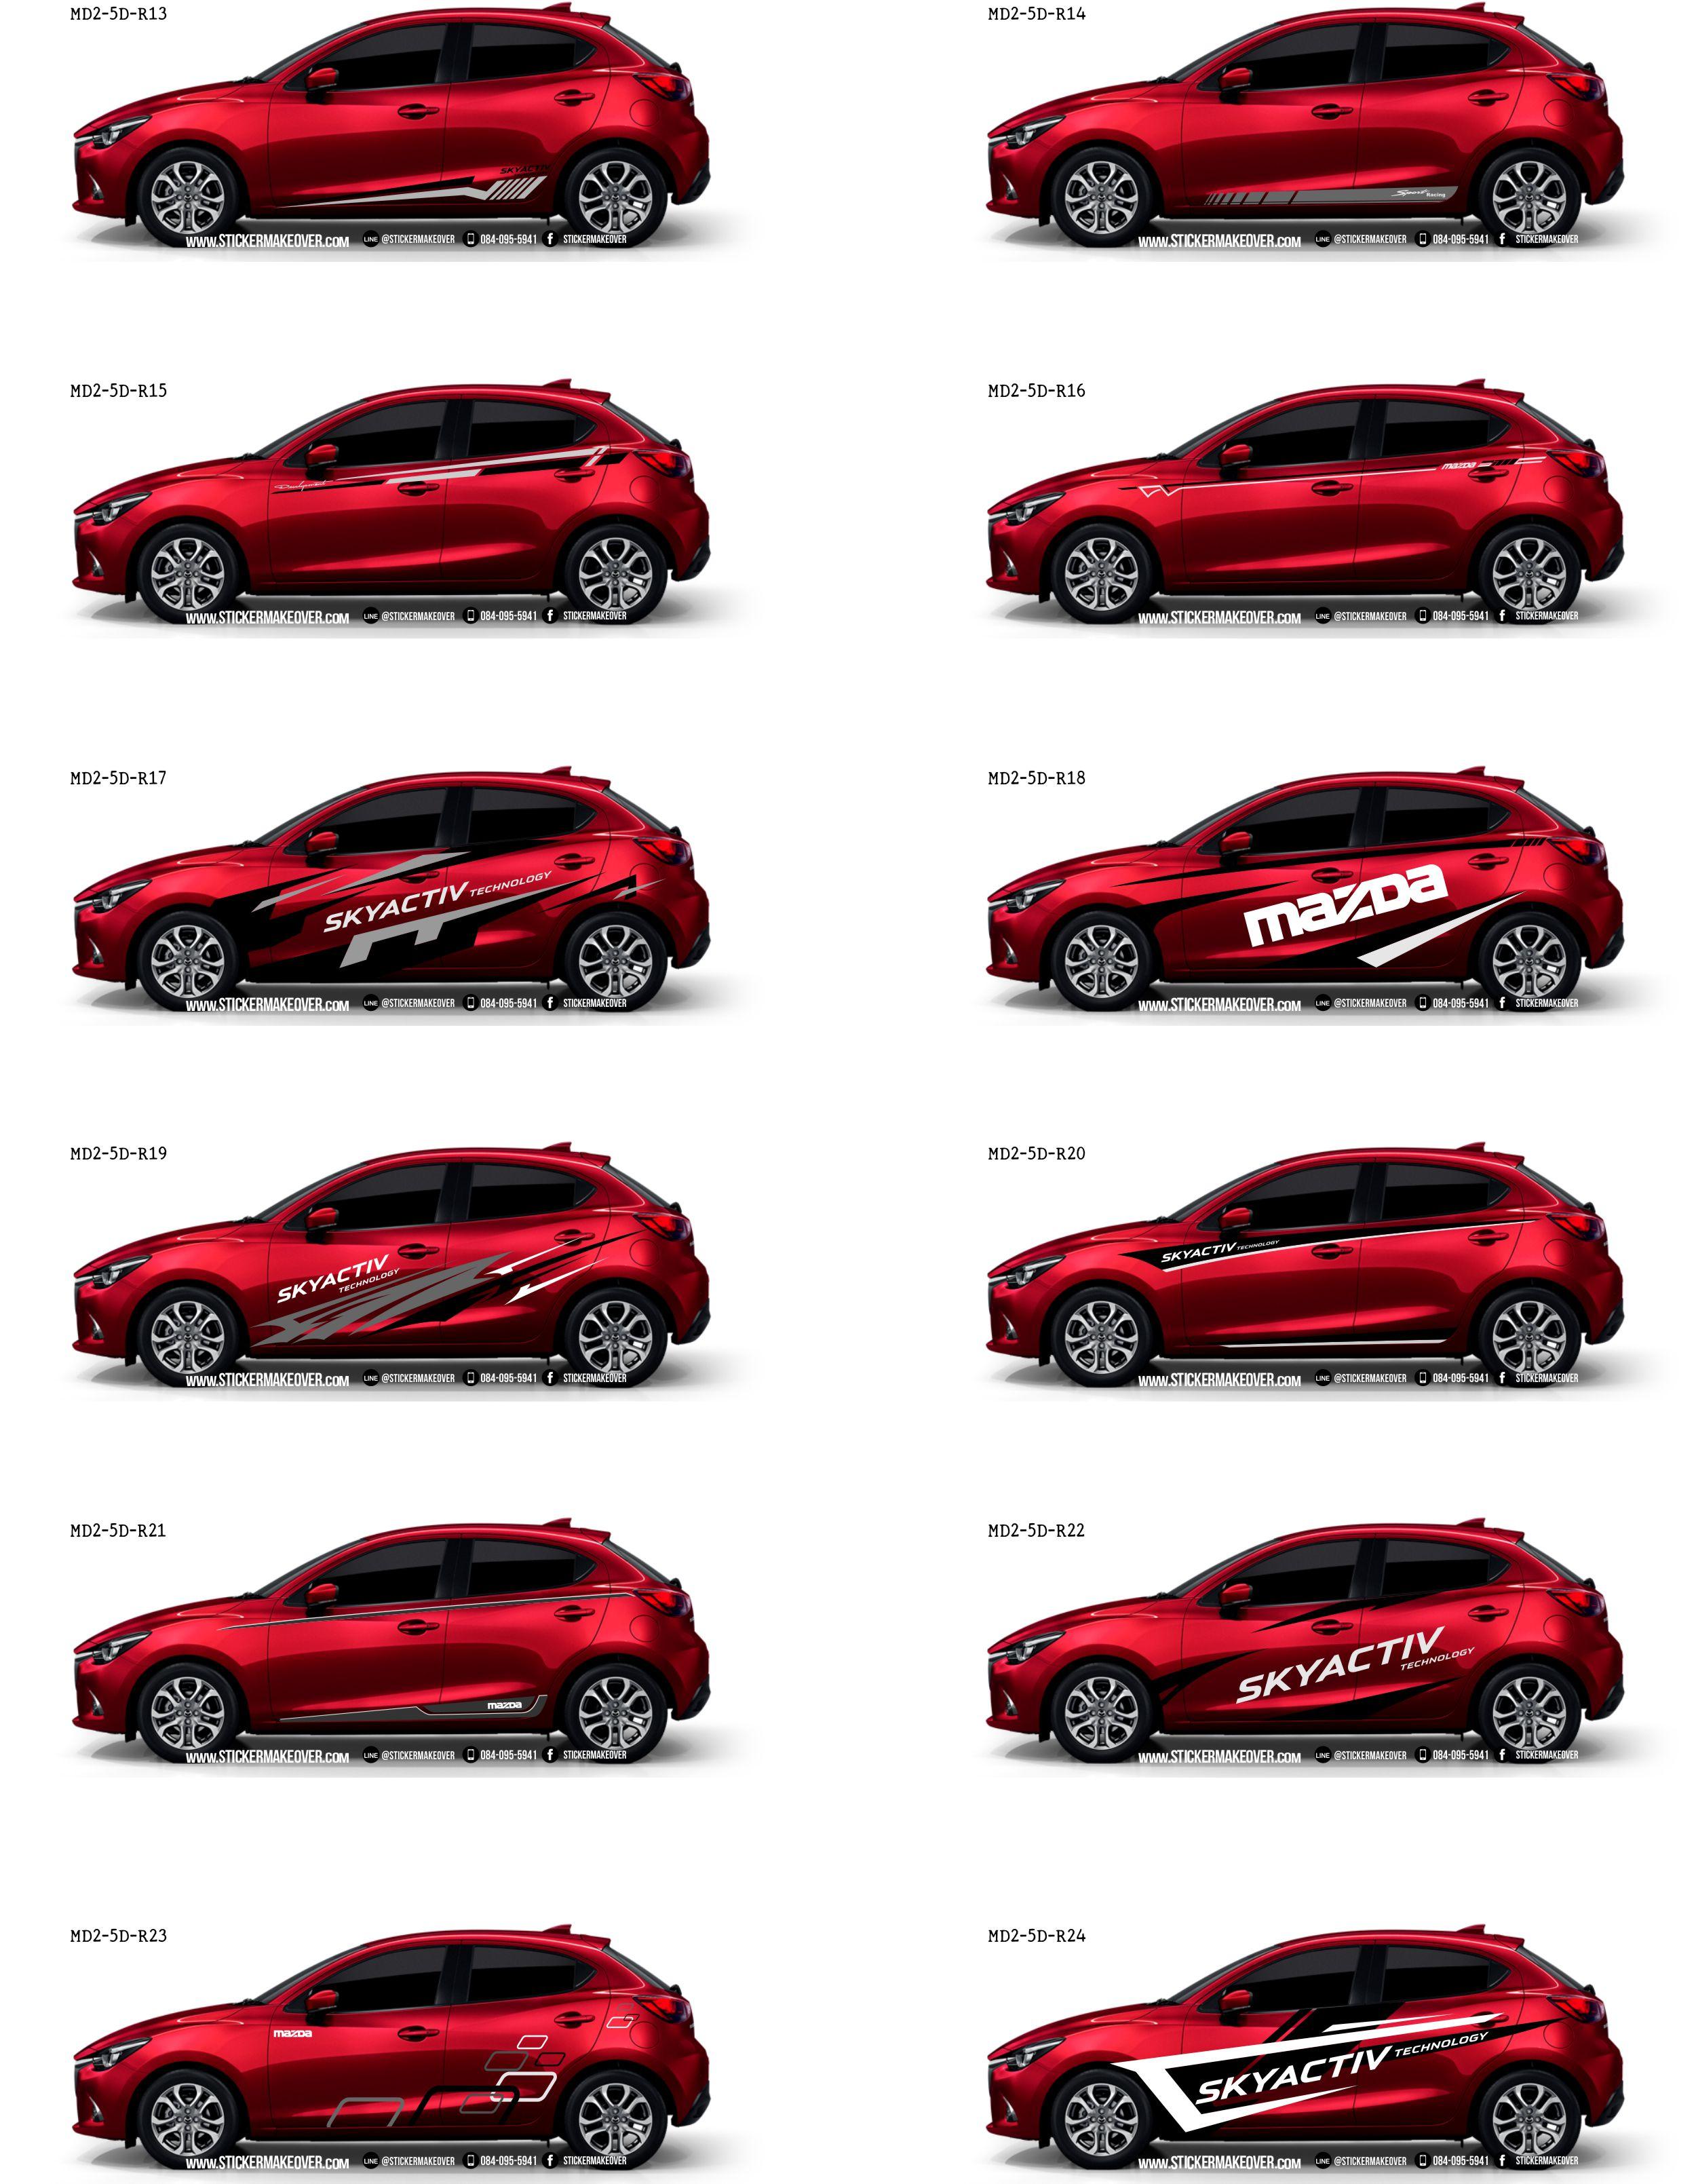 ลายรถมาสด้า2 แต่งลายmazda2 ลายรถmazda2สีแดง สติกเกอร์เเต่งลายรถมาสด้า2สีแดง ลายรถมาสด้า25ประตูสีแดง สติกเกอร์ติดลายรถมาสด้า2สีแดงสวย